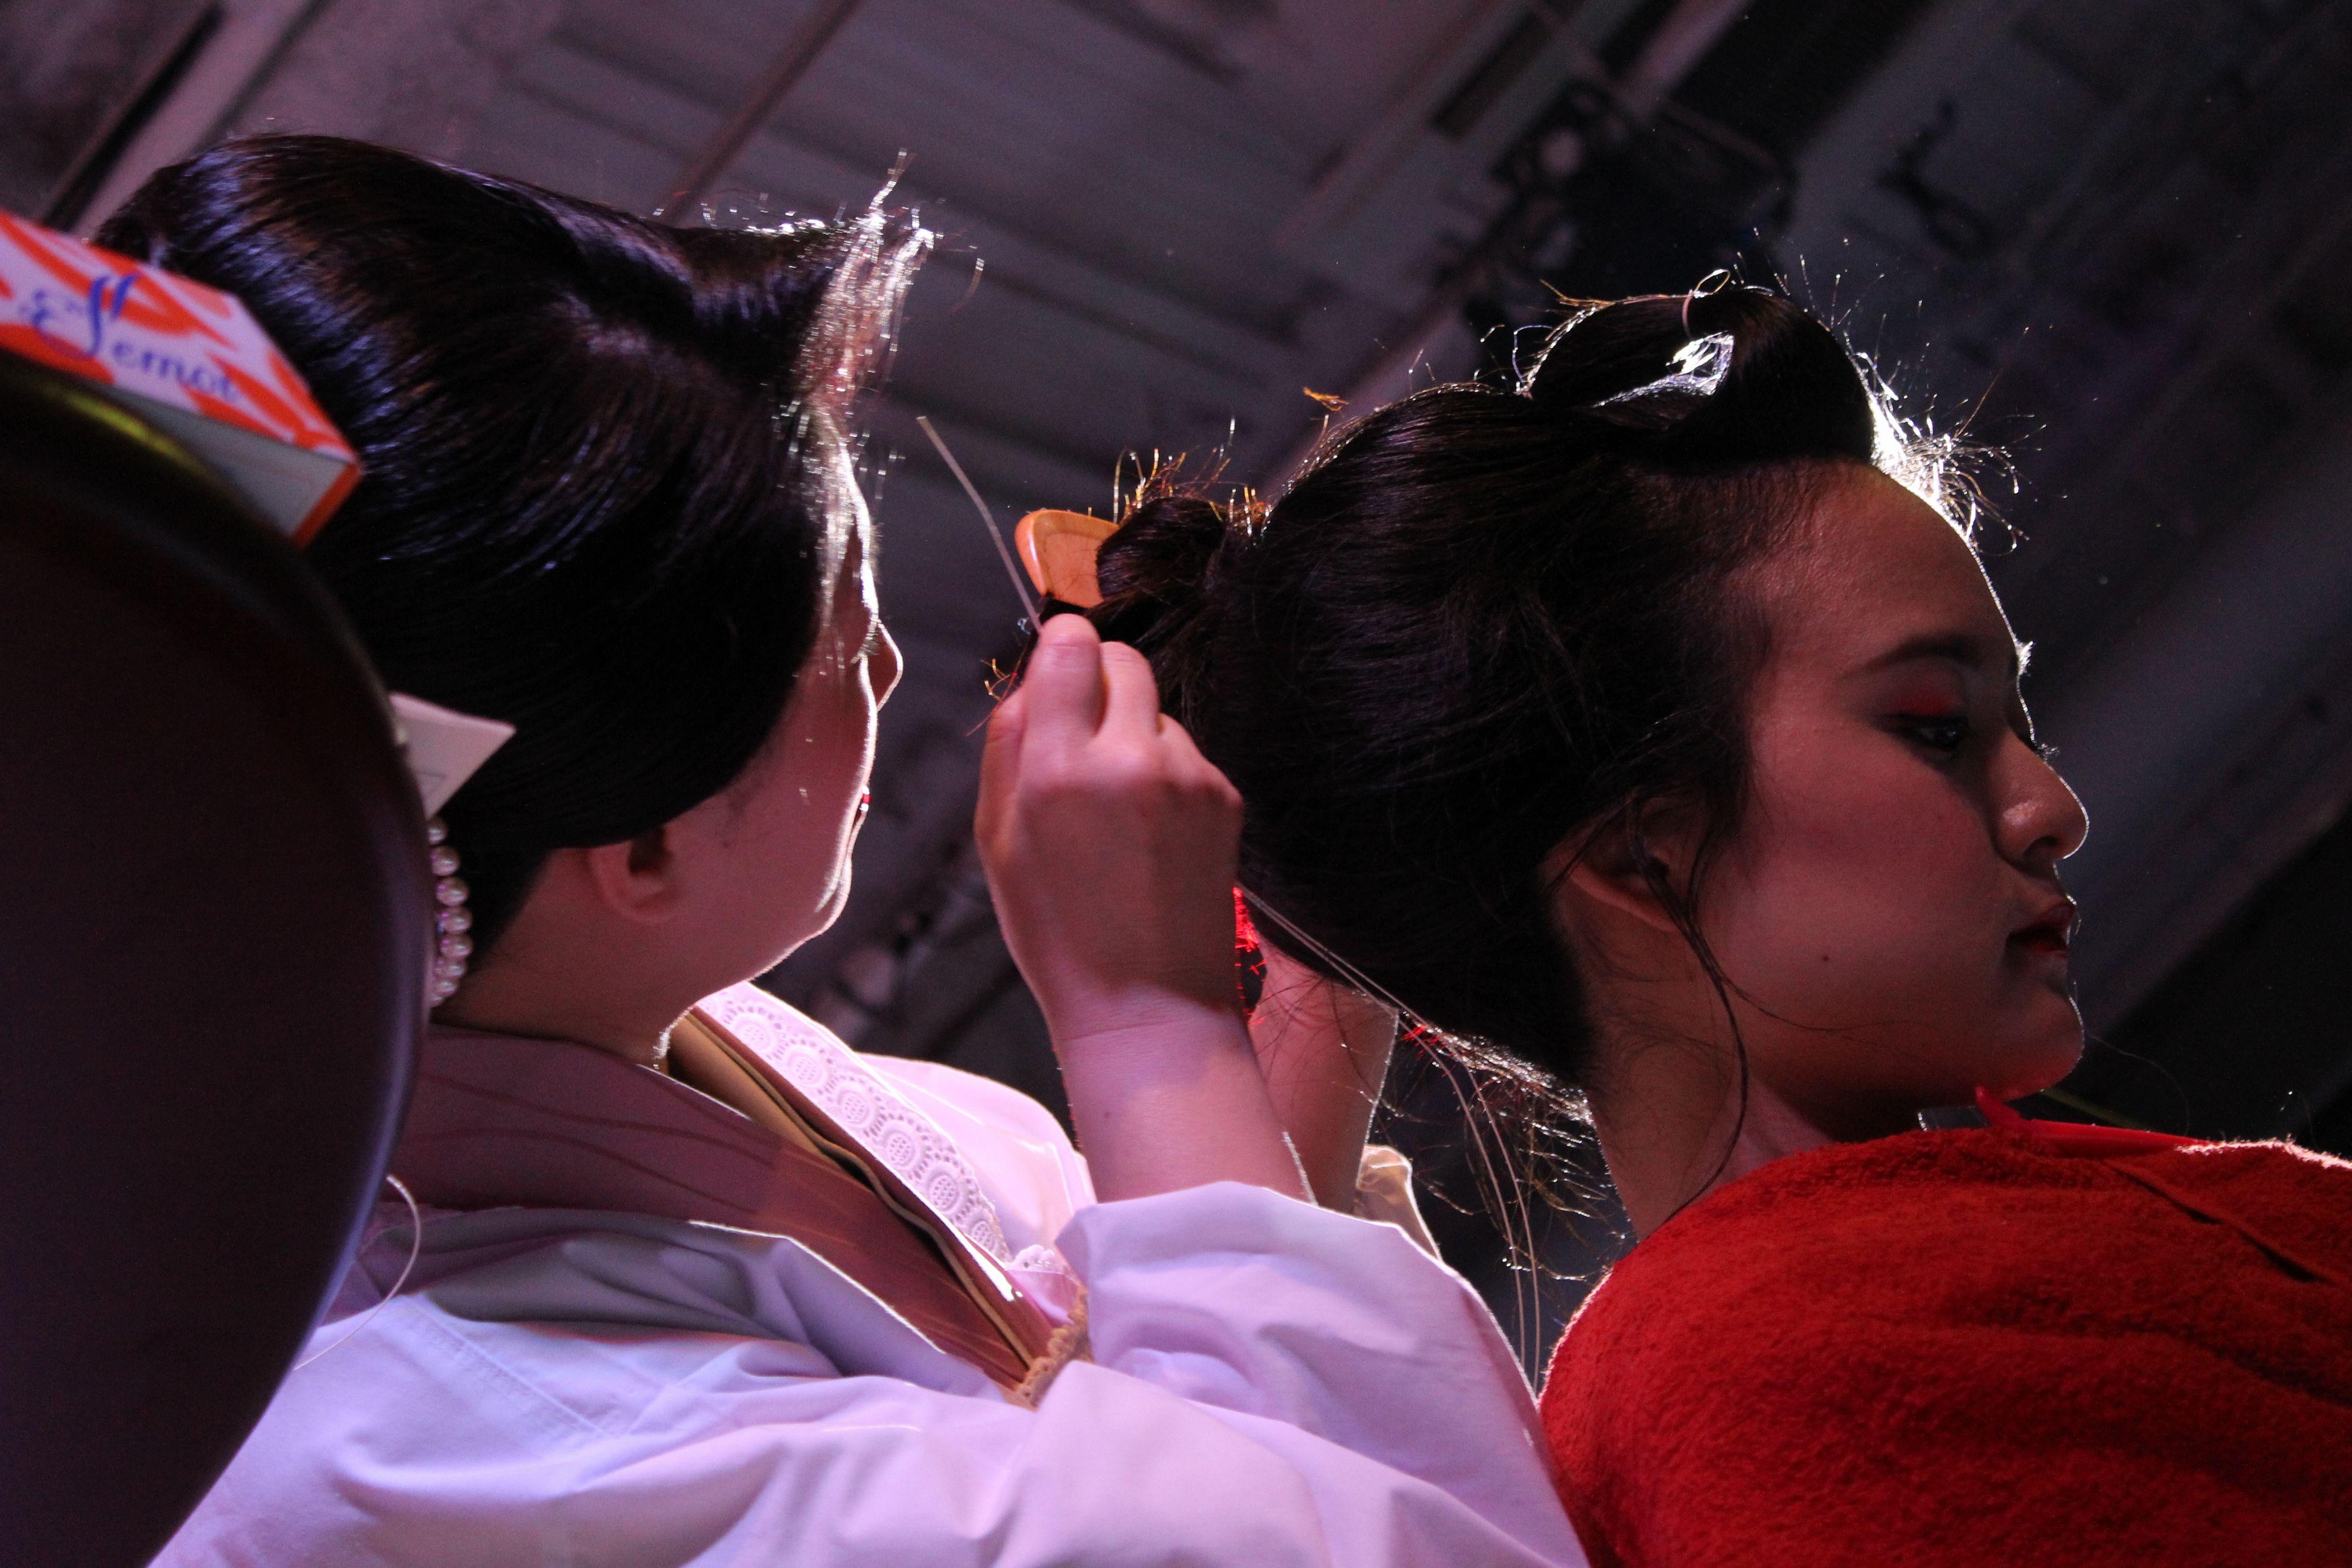 エロチカジャポネスクVol.11@表参道cafeATLANTIS~日本髪結髪実演 優井染乃さん×山本晴歌さん